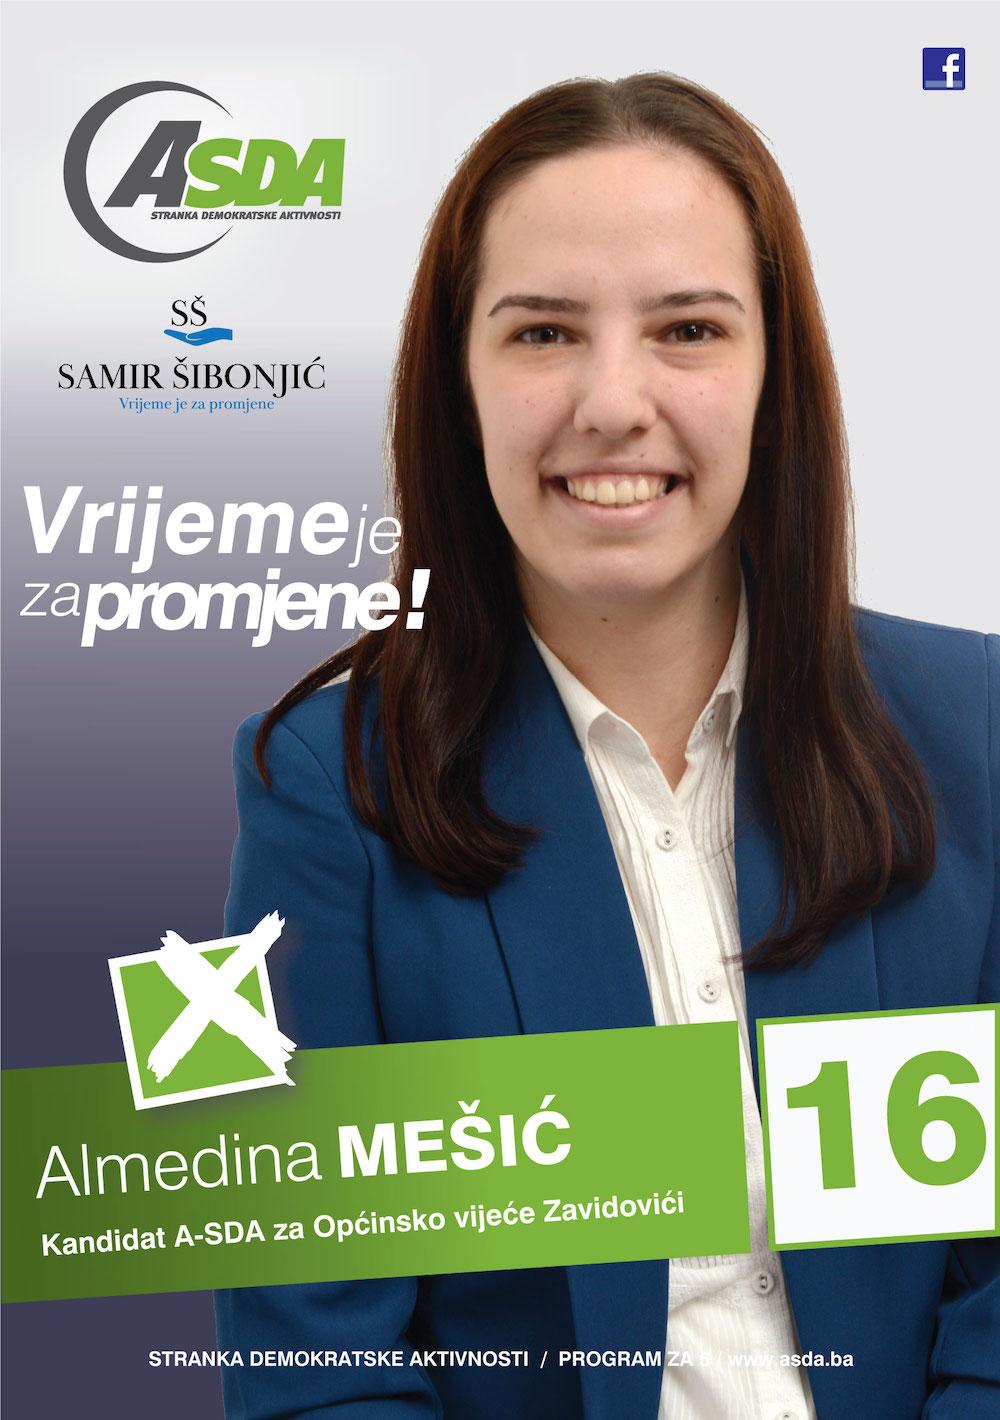 Almedina Mešić